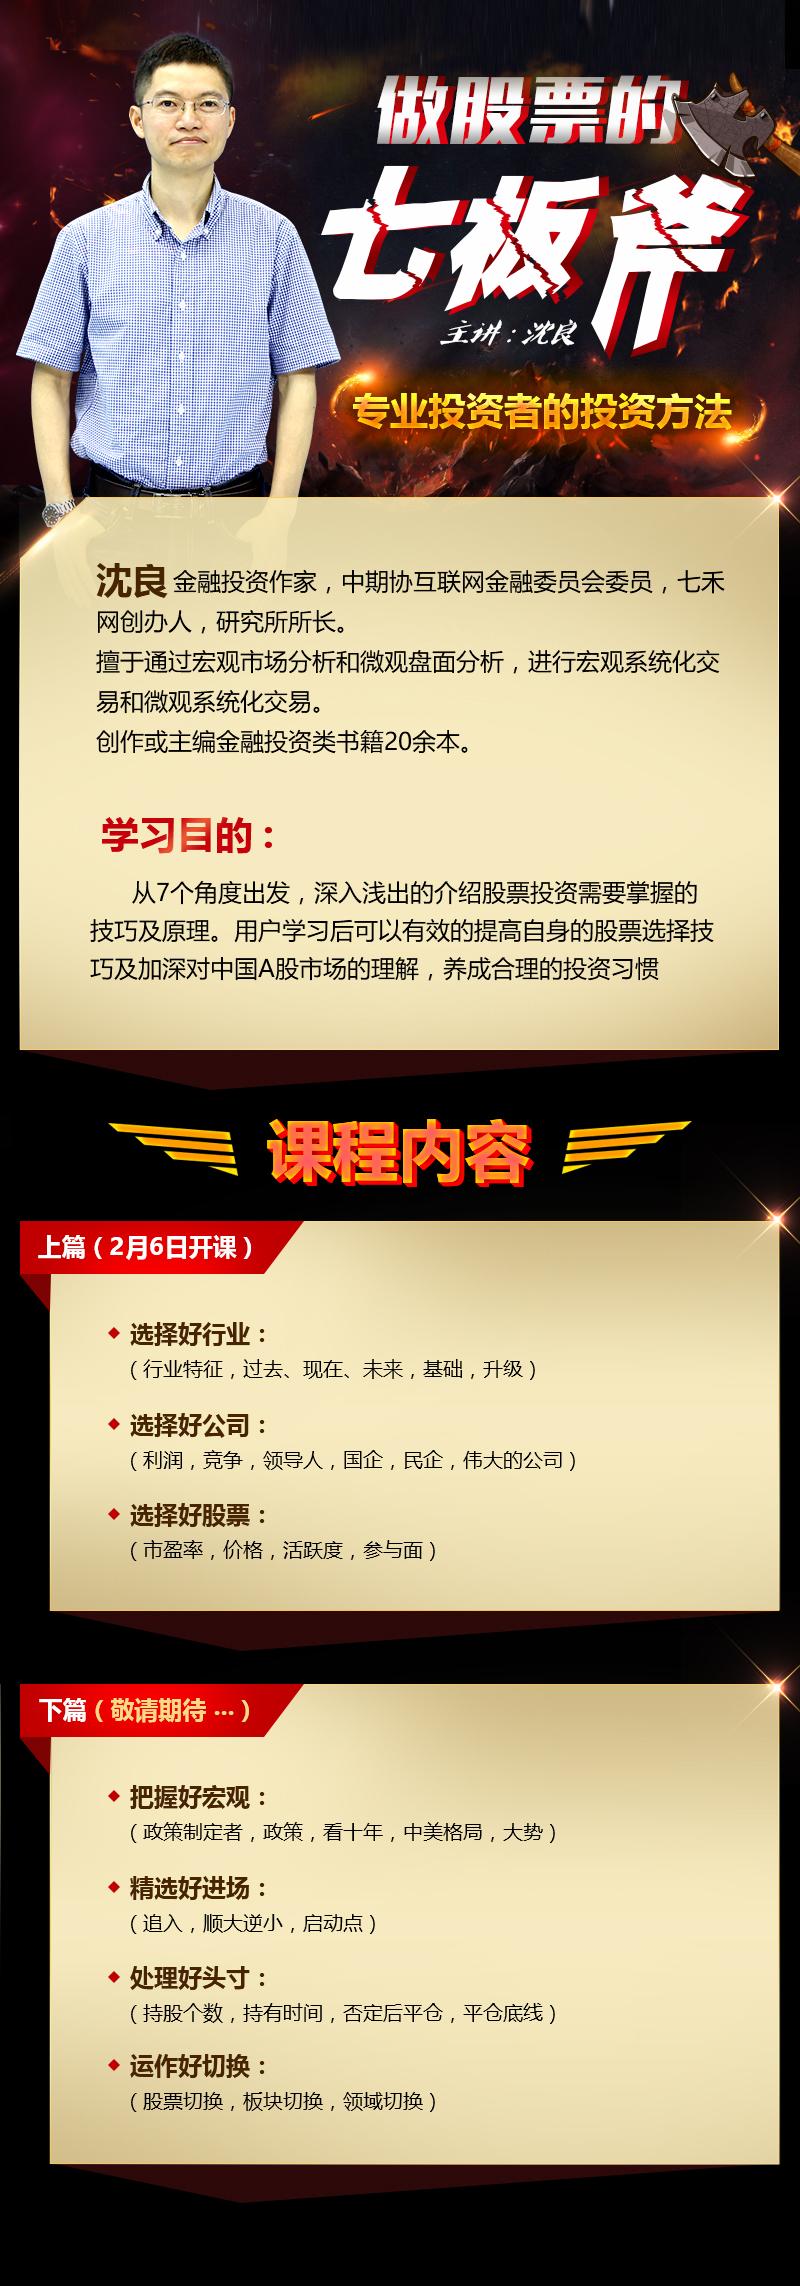 昔日中国通信四巨头之一 16年未分红 或被退市!